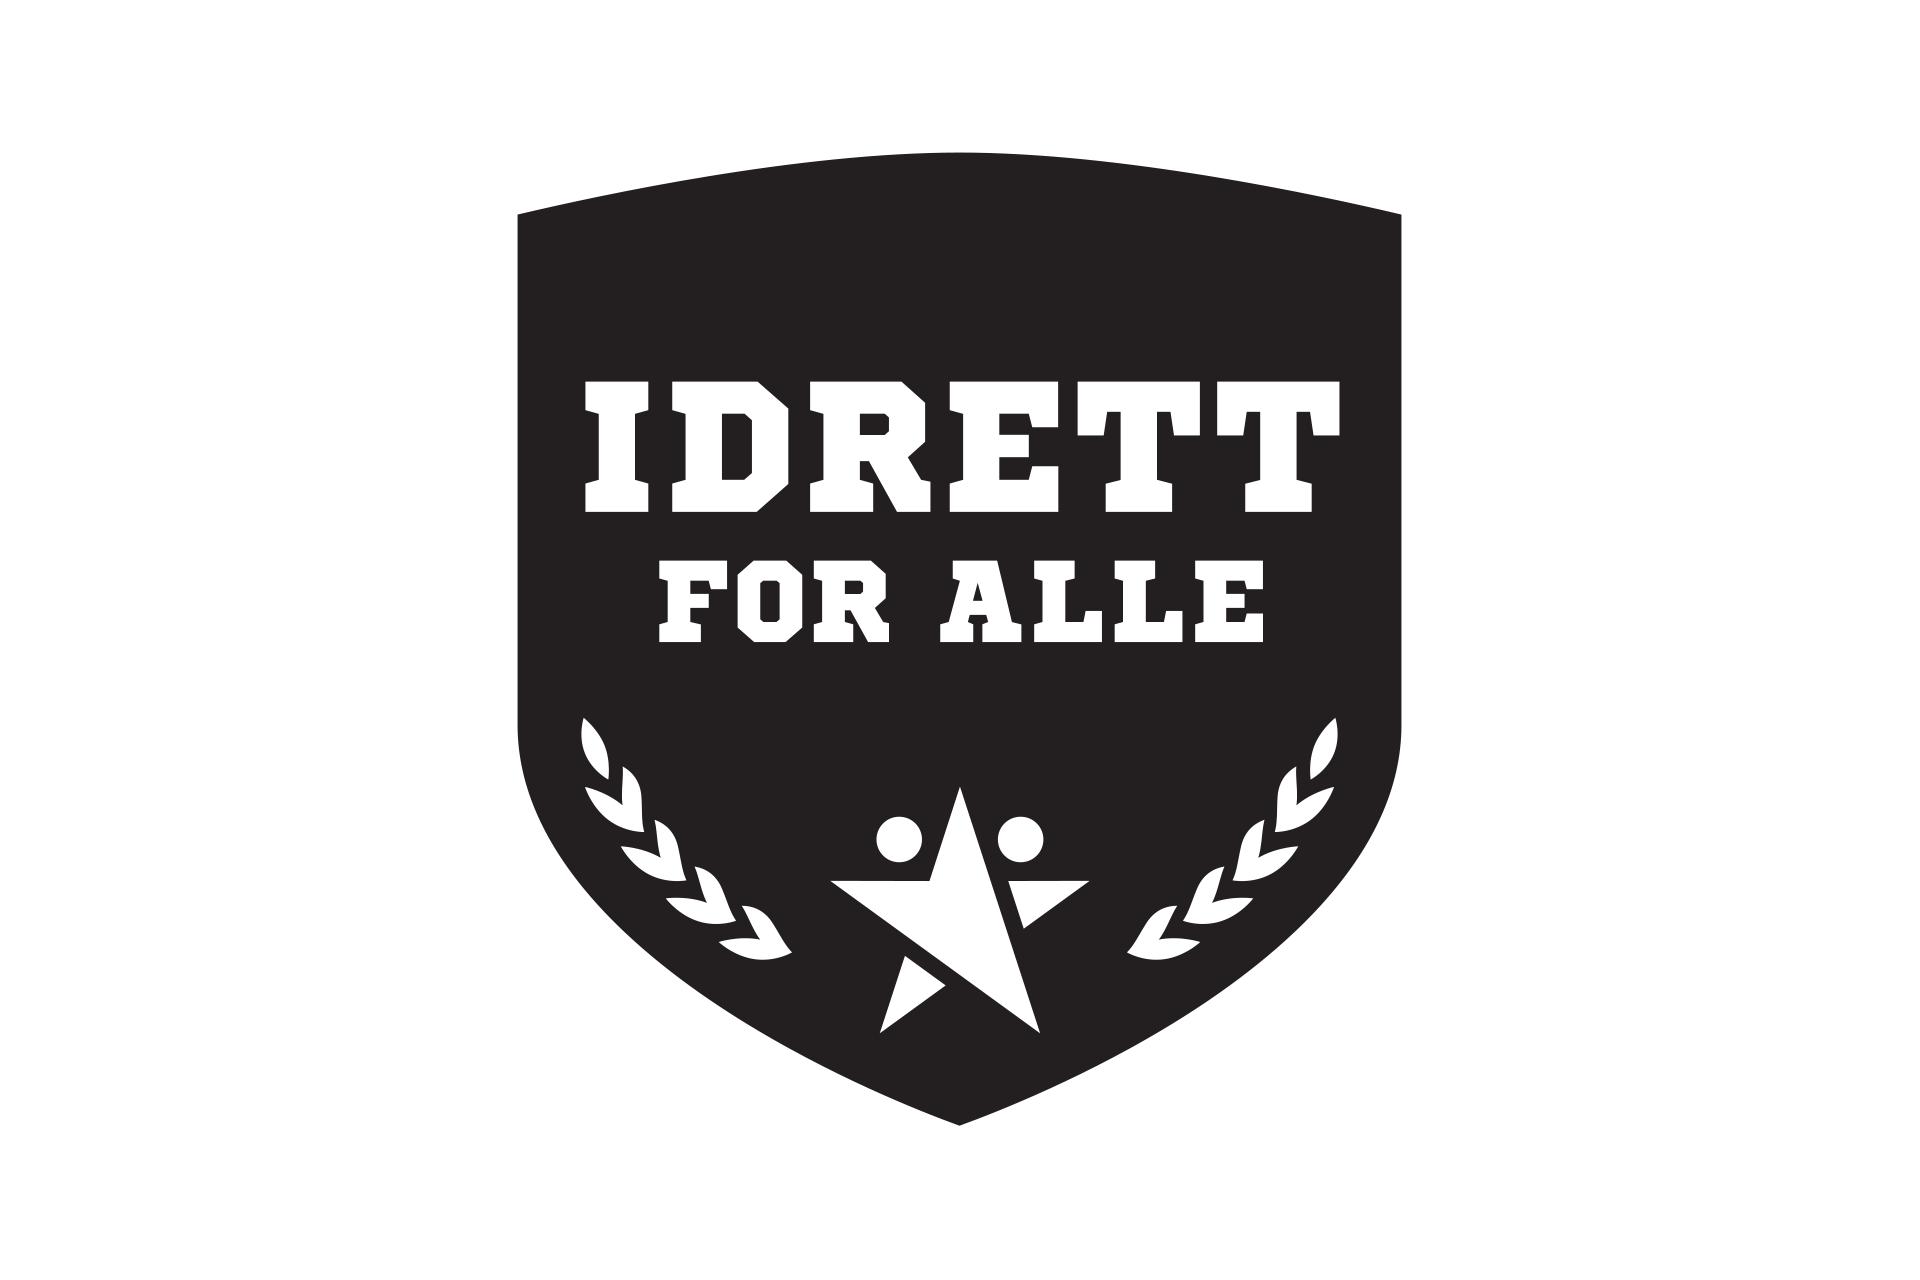 Logodesign Idrett for alle